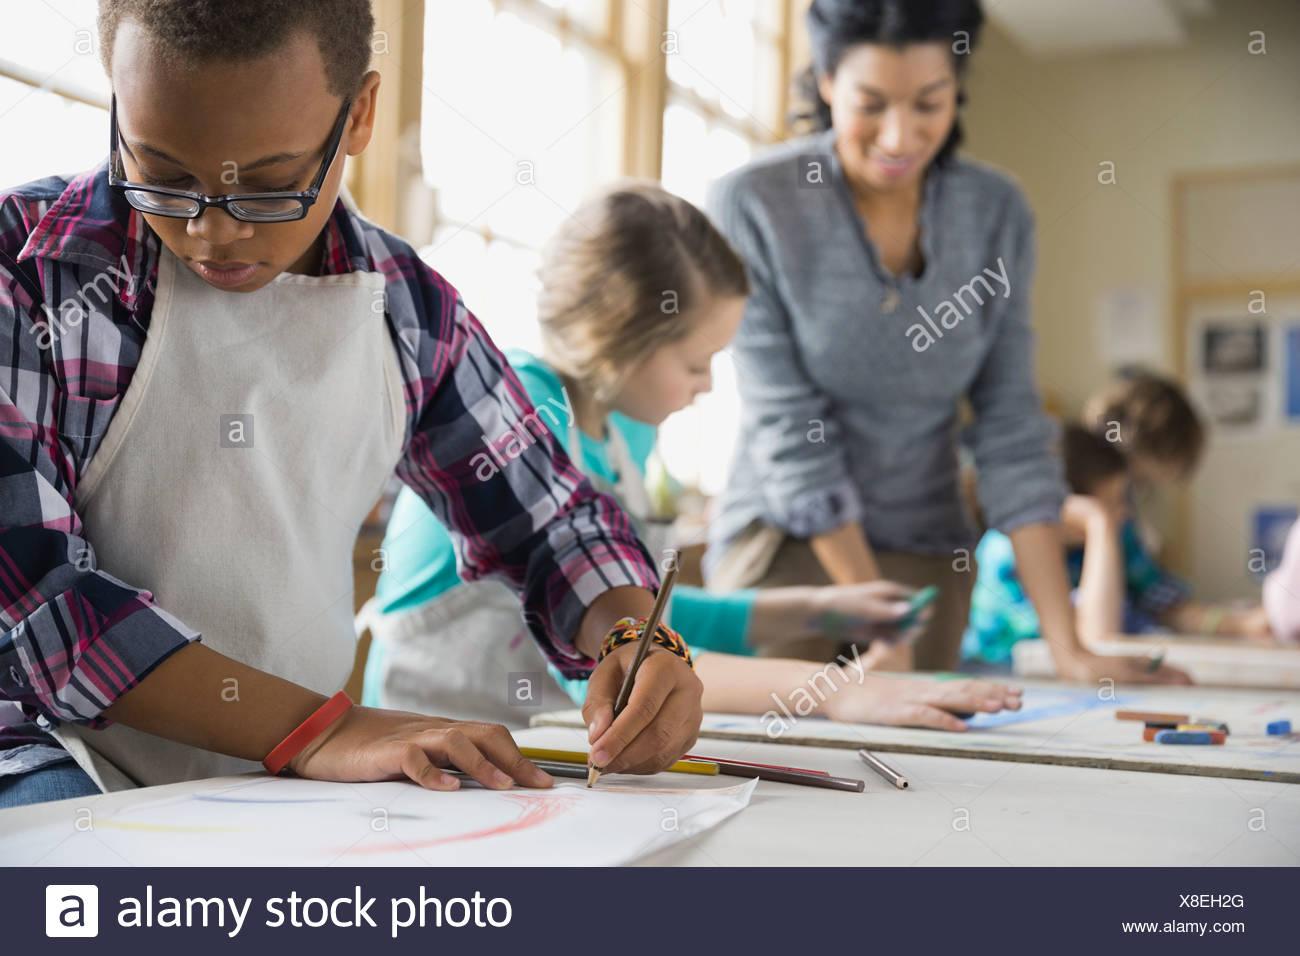 Junge im Kunstunterricht zeichnen Stockbild